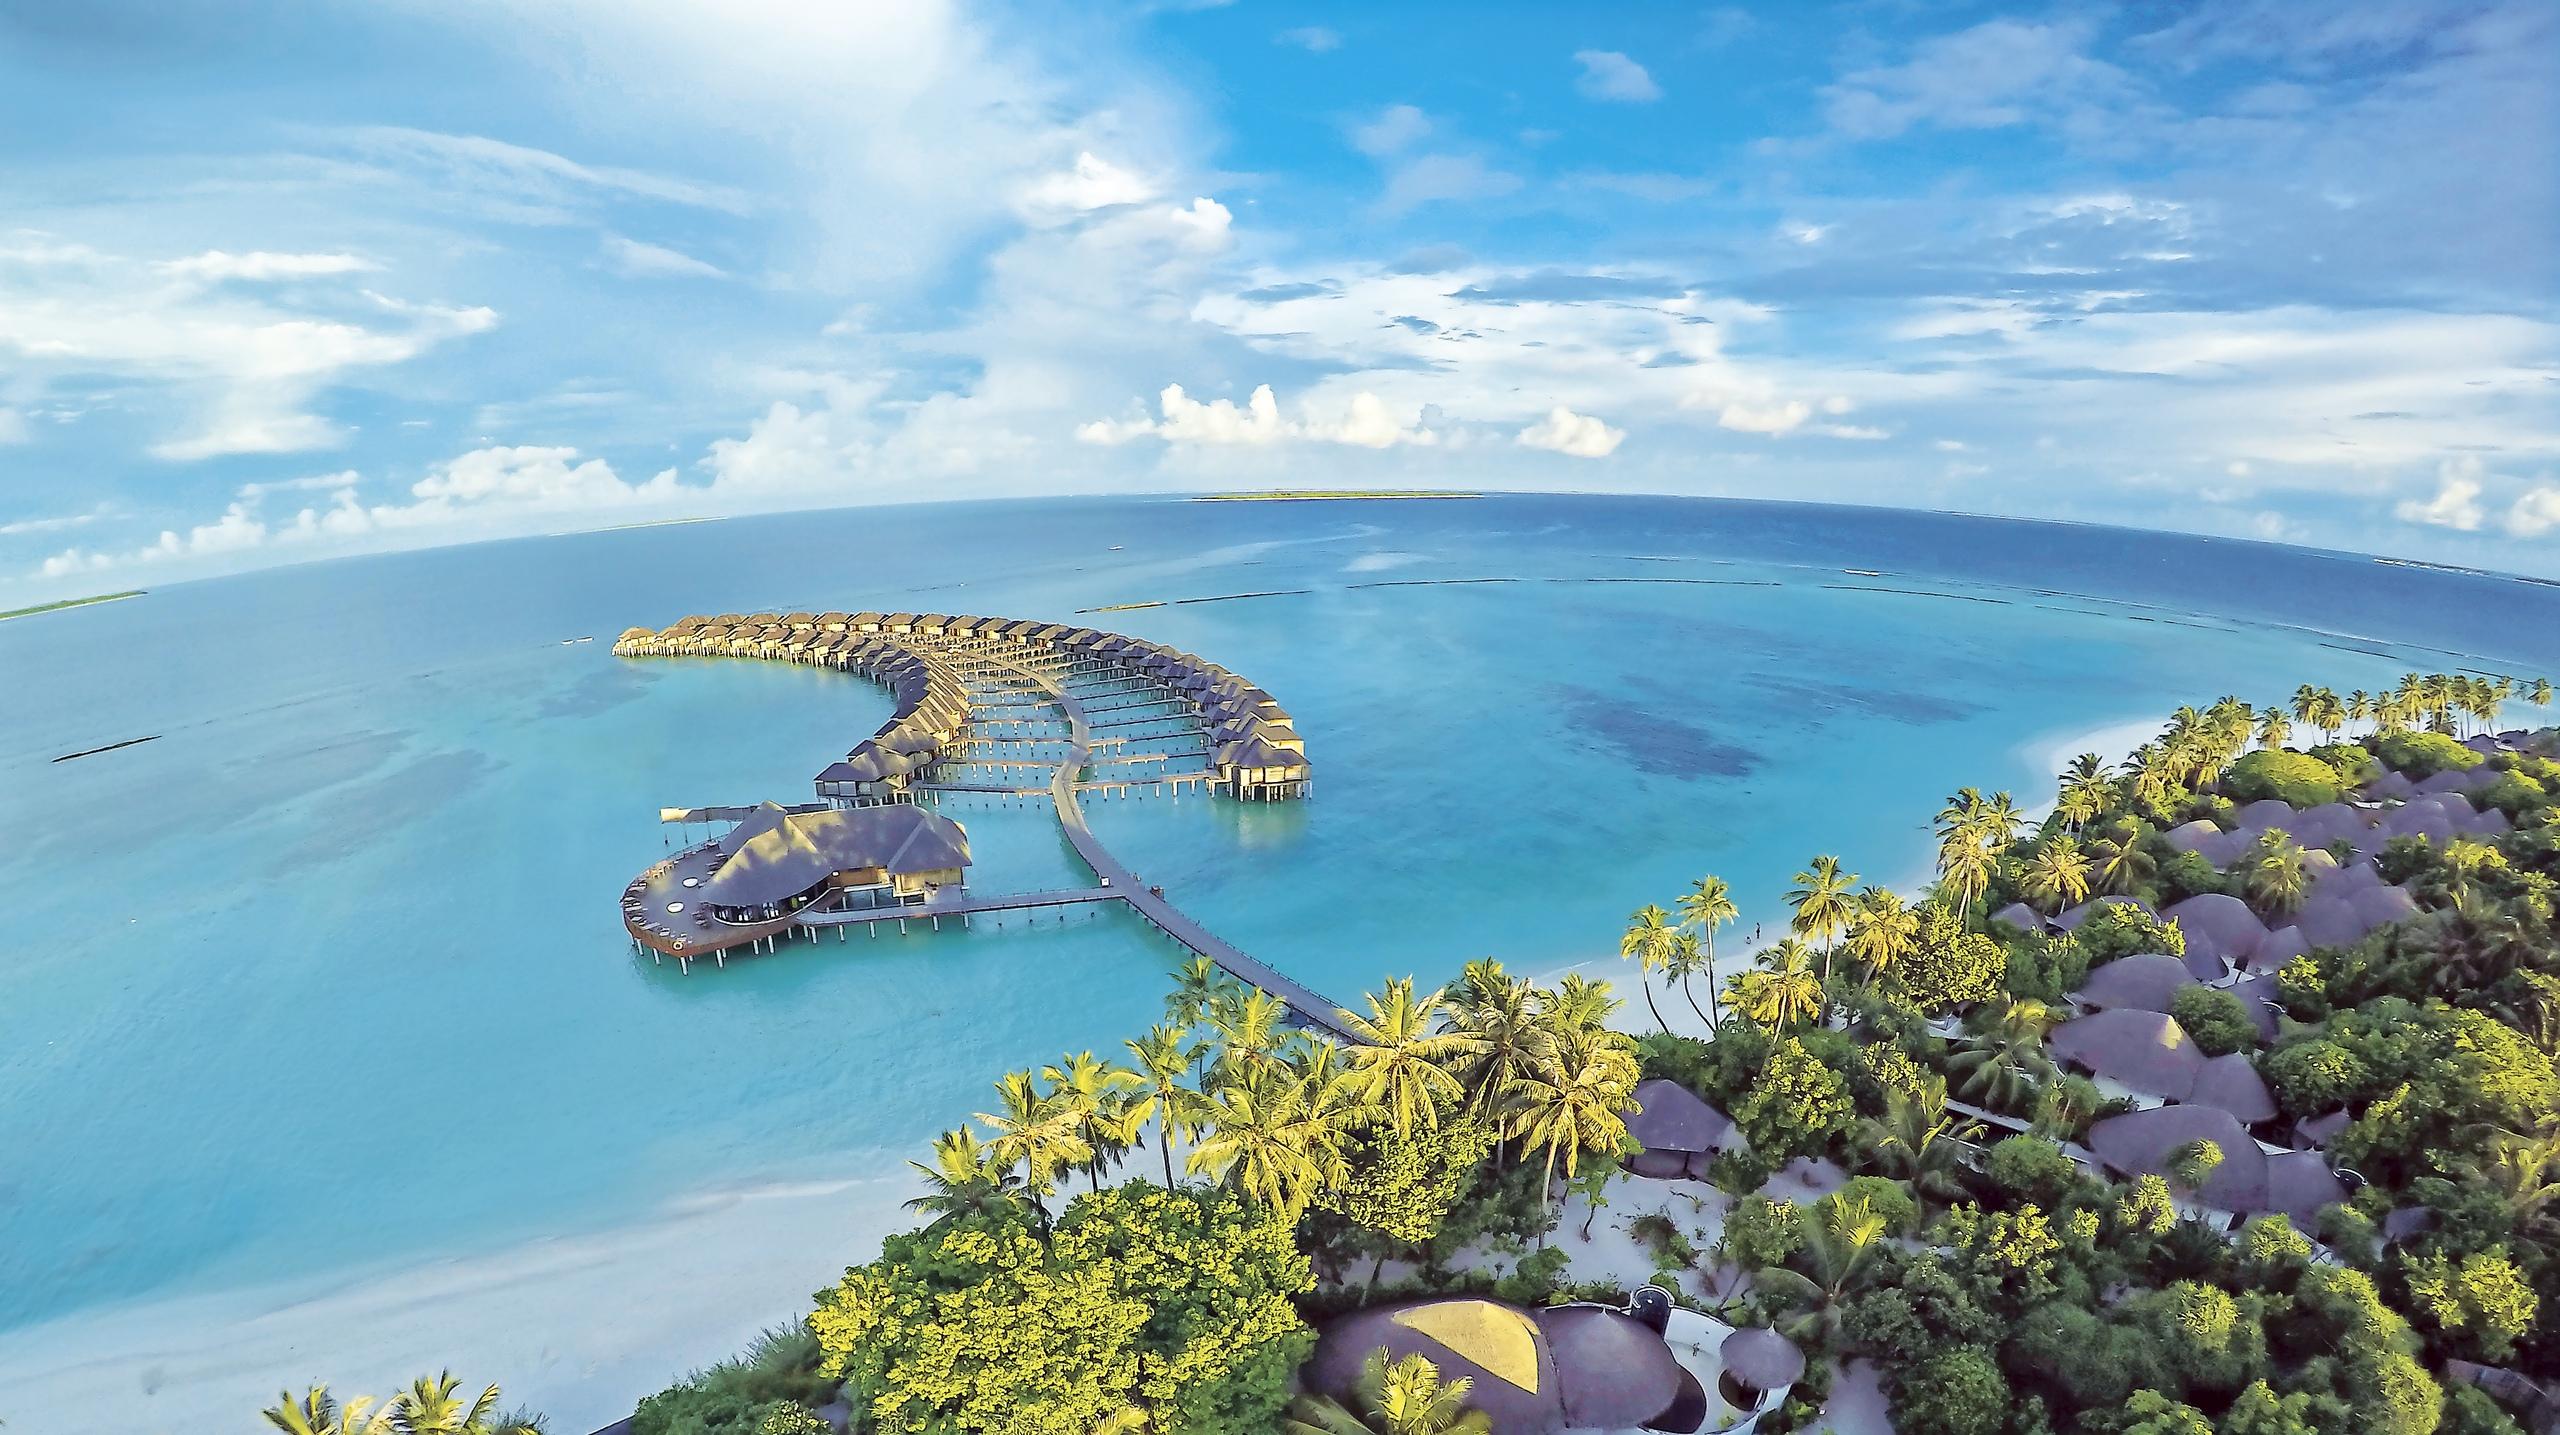 Фестиваль «По Экватору» в The Sun Siyam Iru Fushi Maldives стартует 6 сентября